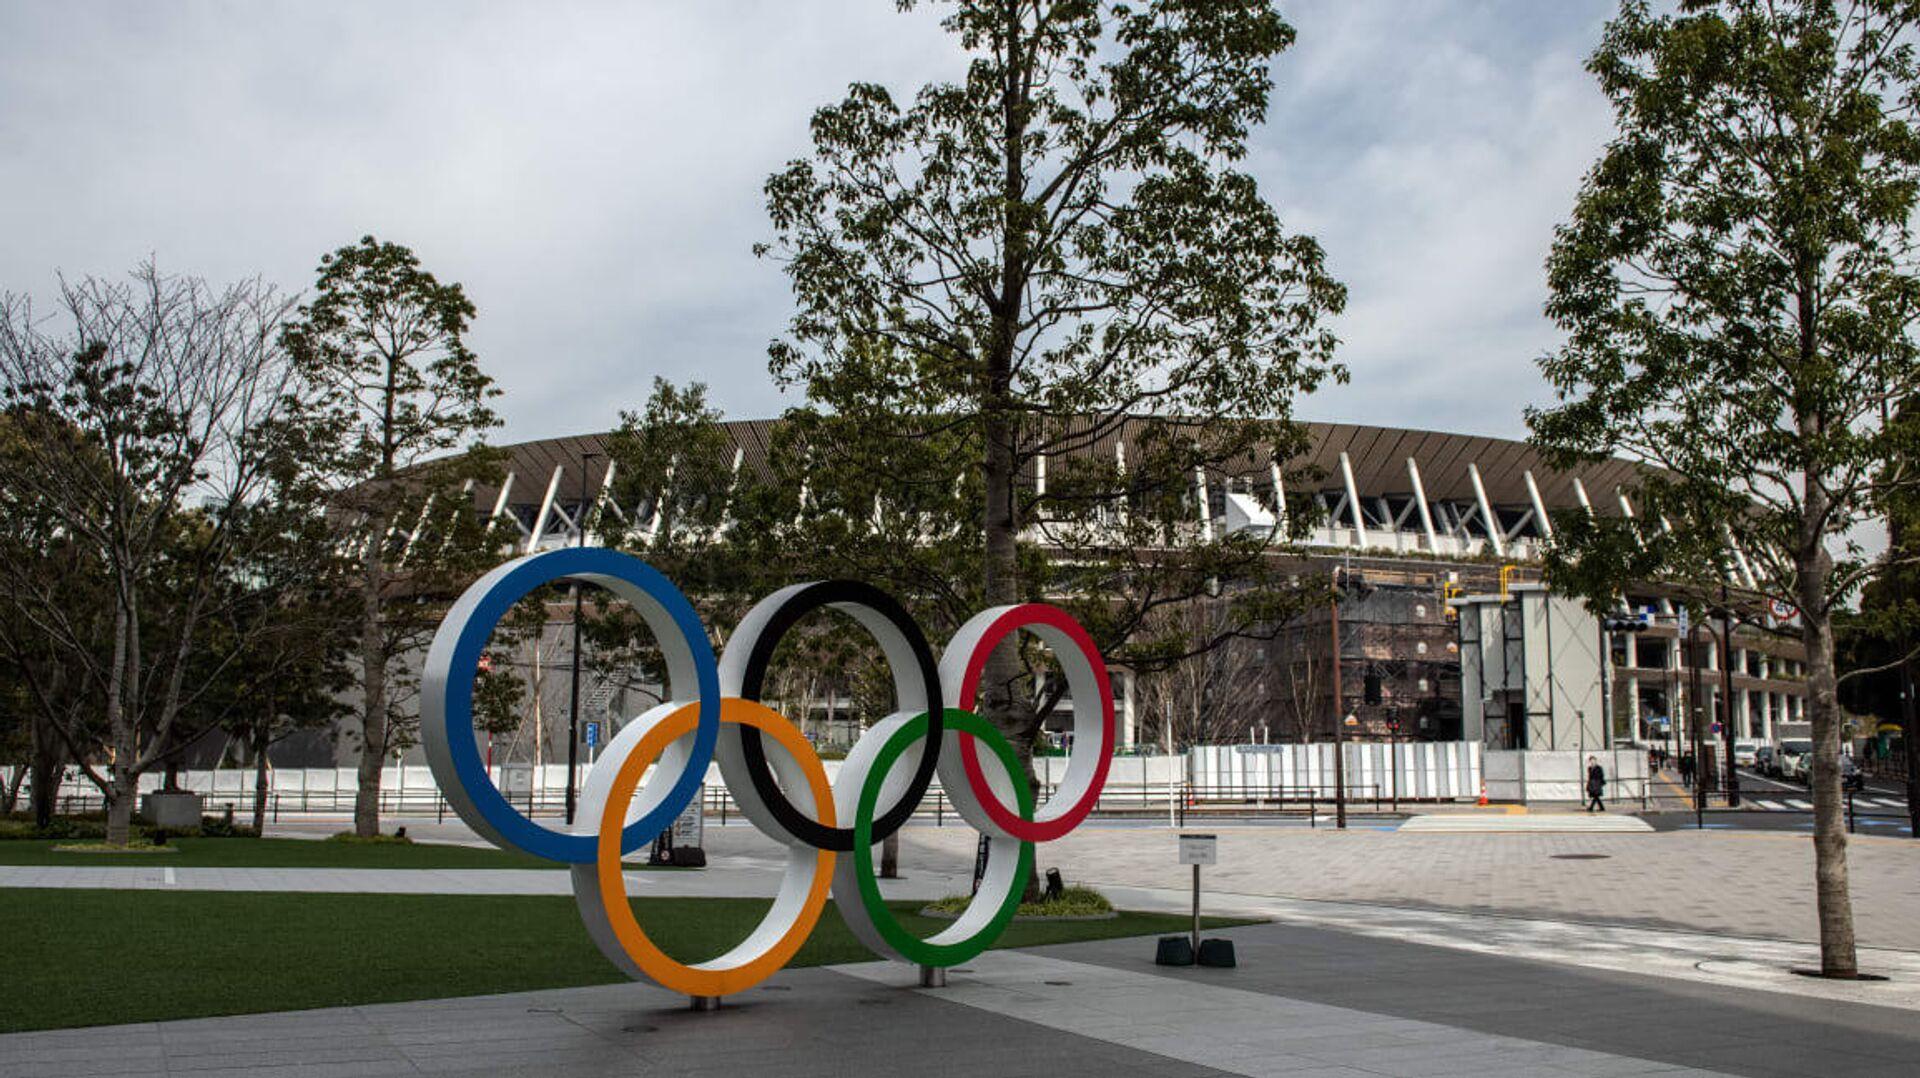 Олимпийские кольца у арены в Токио - РИА Новости, 1920, 02.12.2020